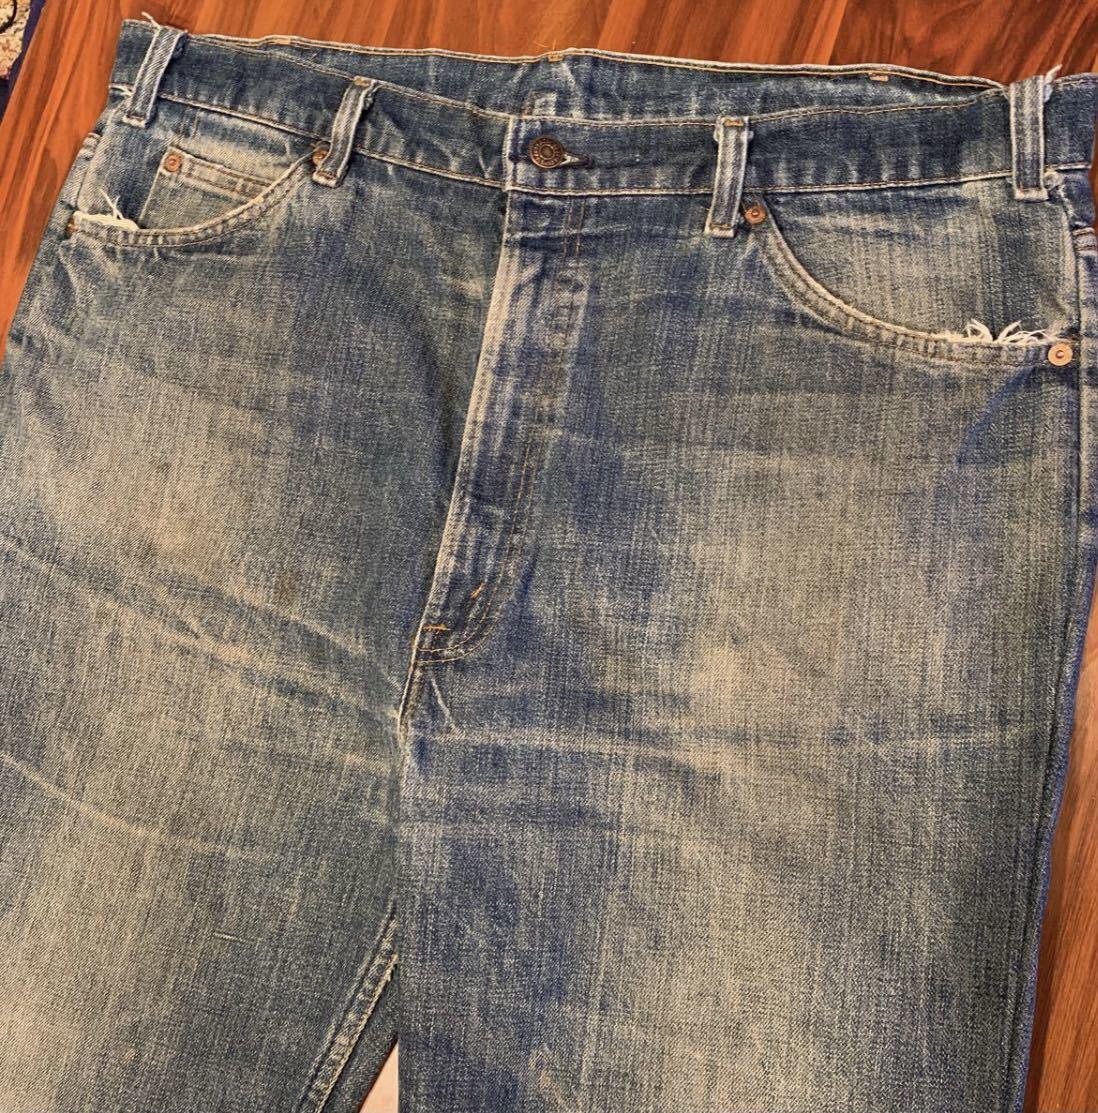 OLD リーバイス 517 ボタン裏8 実寸約102cm vintage デニム パンツ ジーンズ Levi's 501 505 BIGE_画像3